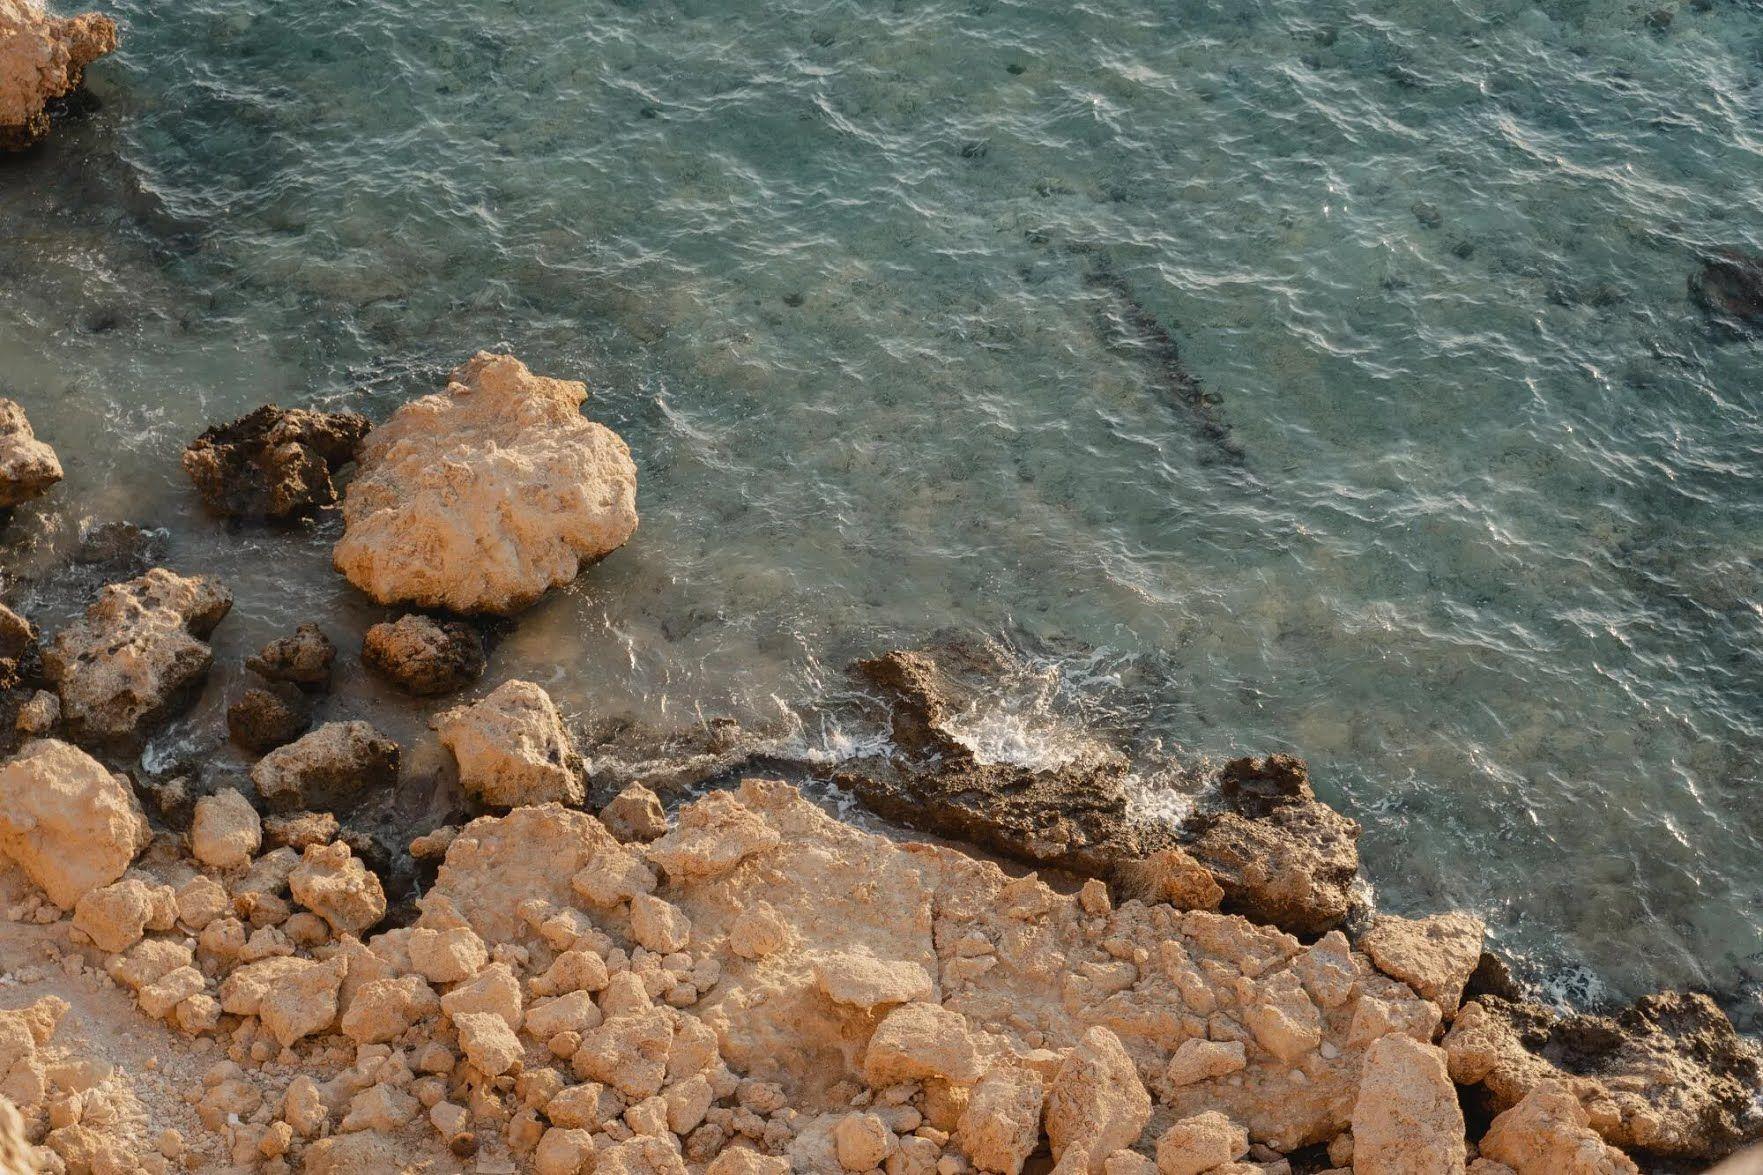 Самые популярные курорты Египта: Хургада и Шарм-эль-Шейх отличаются друг от друга пляжами и заходом в море